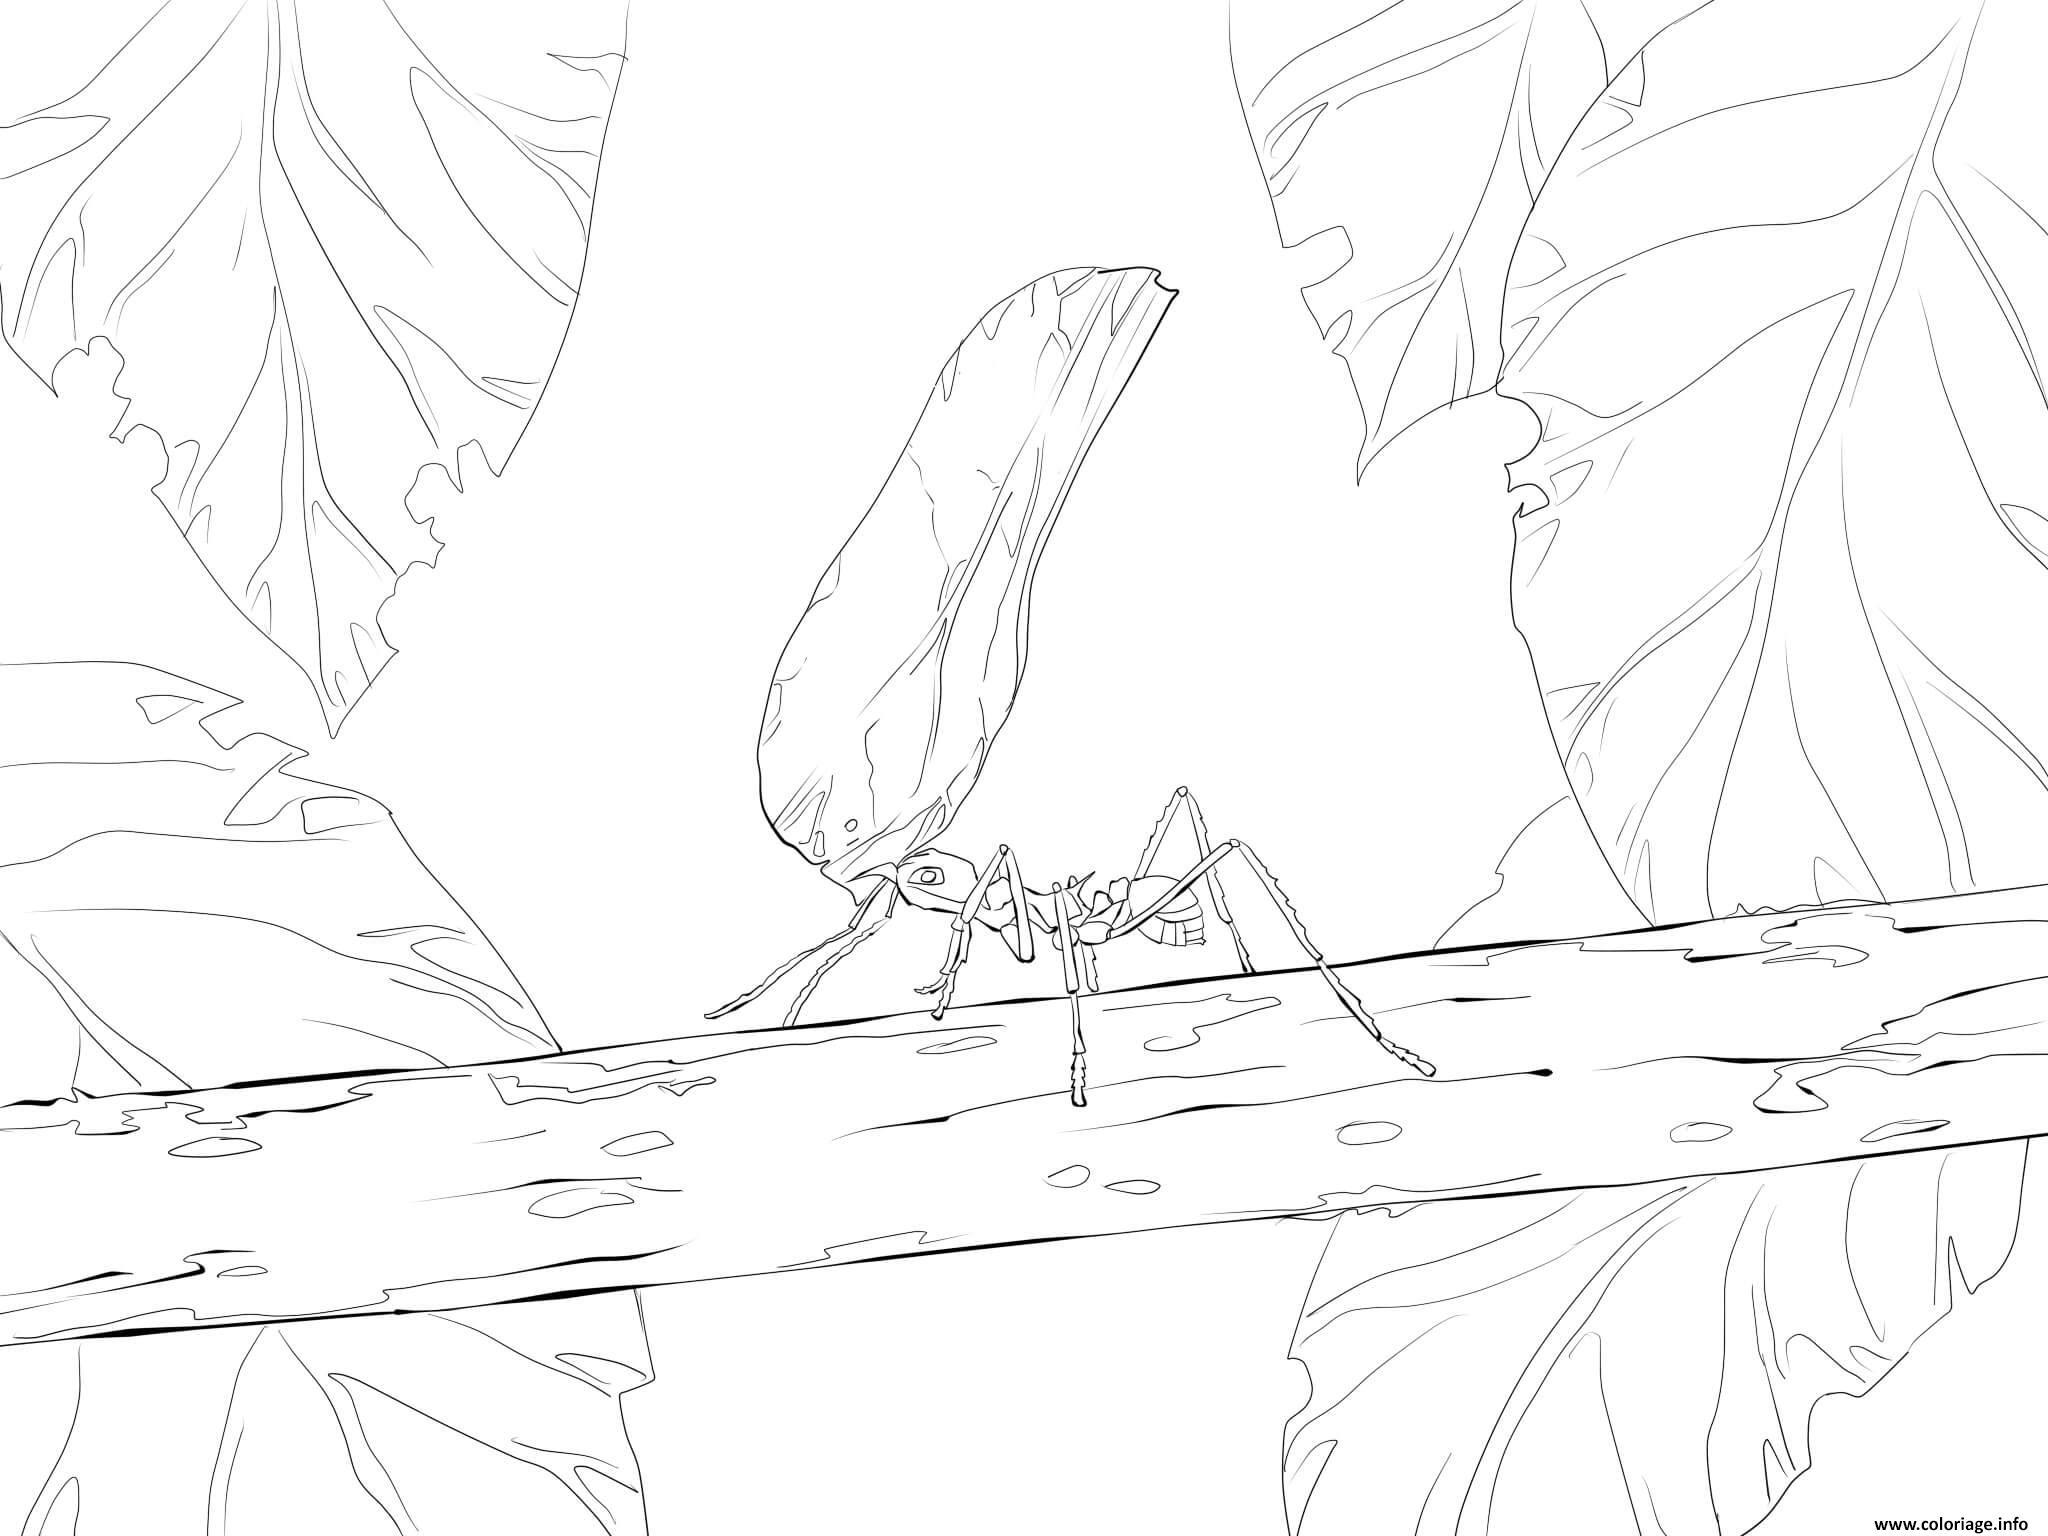 Dessin fourmi avec feuille dans la nature Coloriage Gratuit à Imprimer